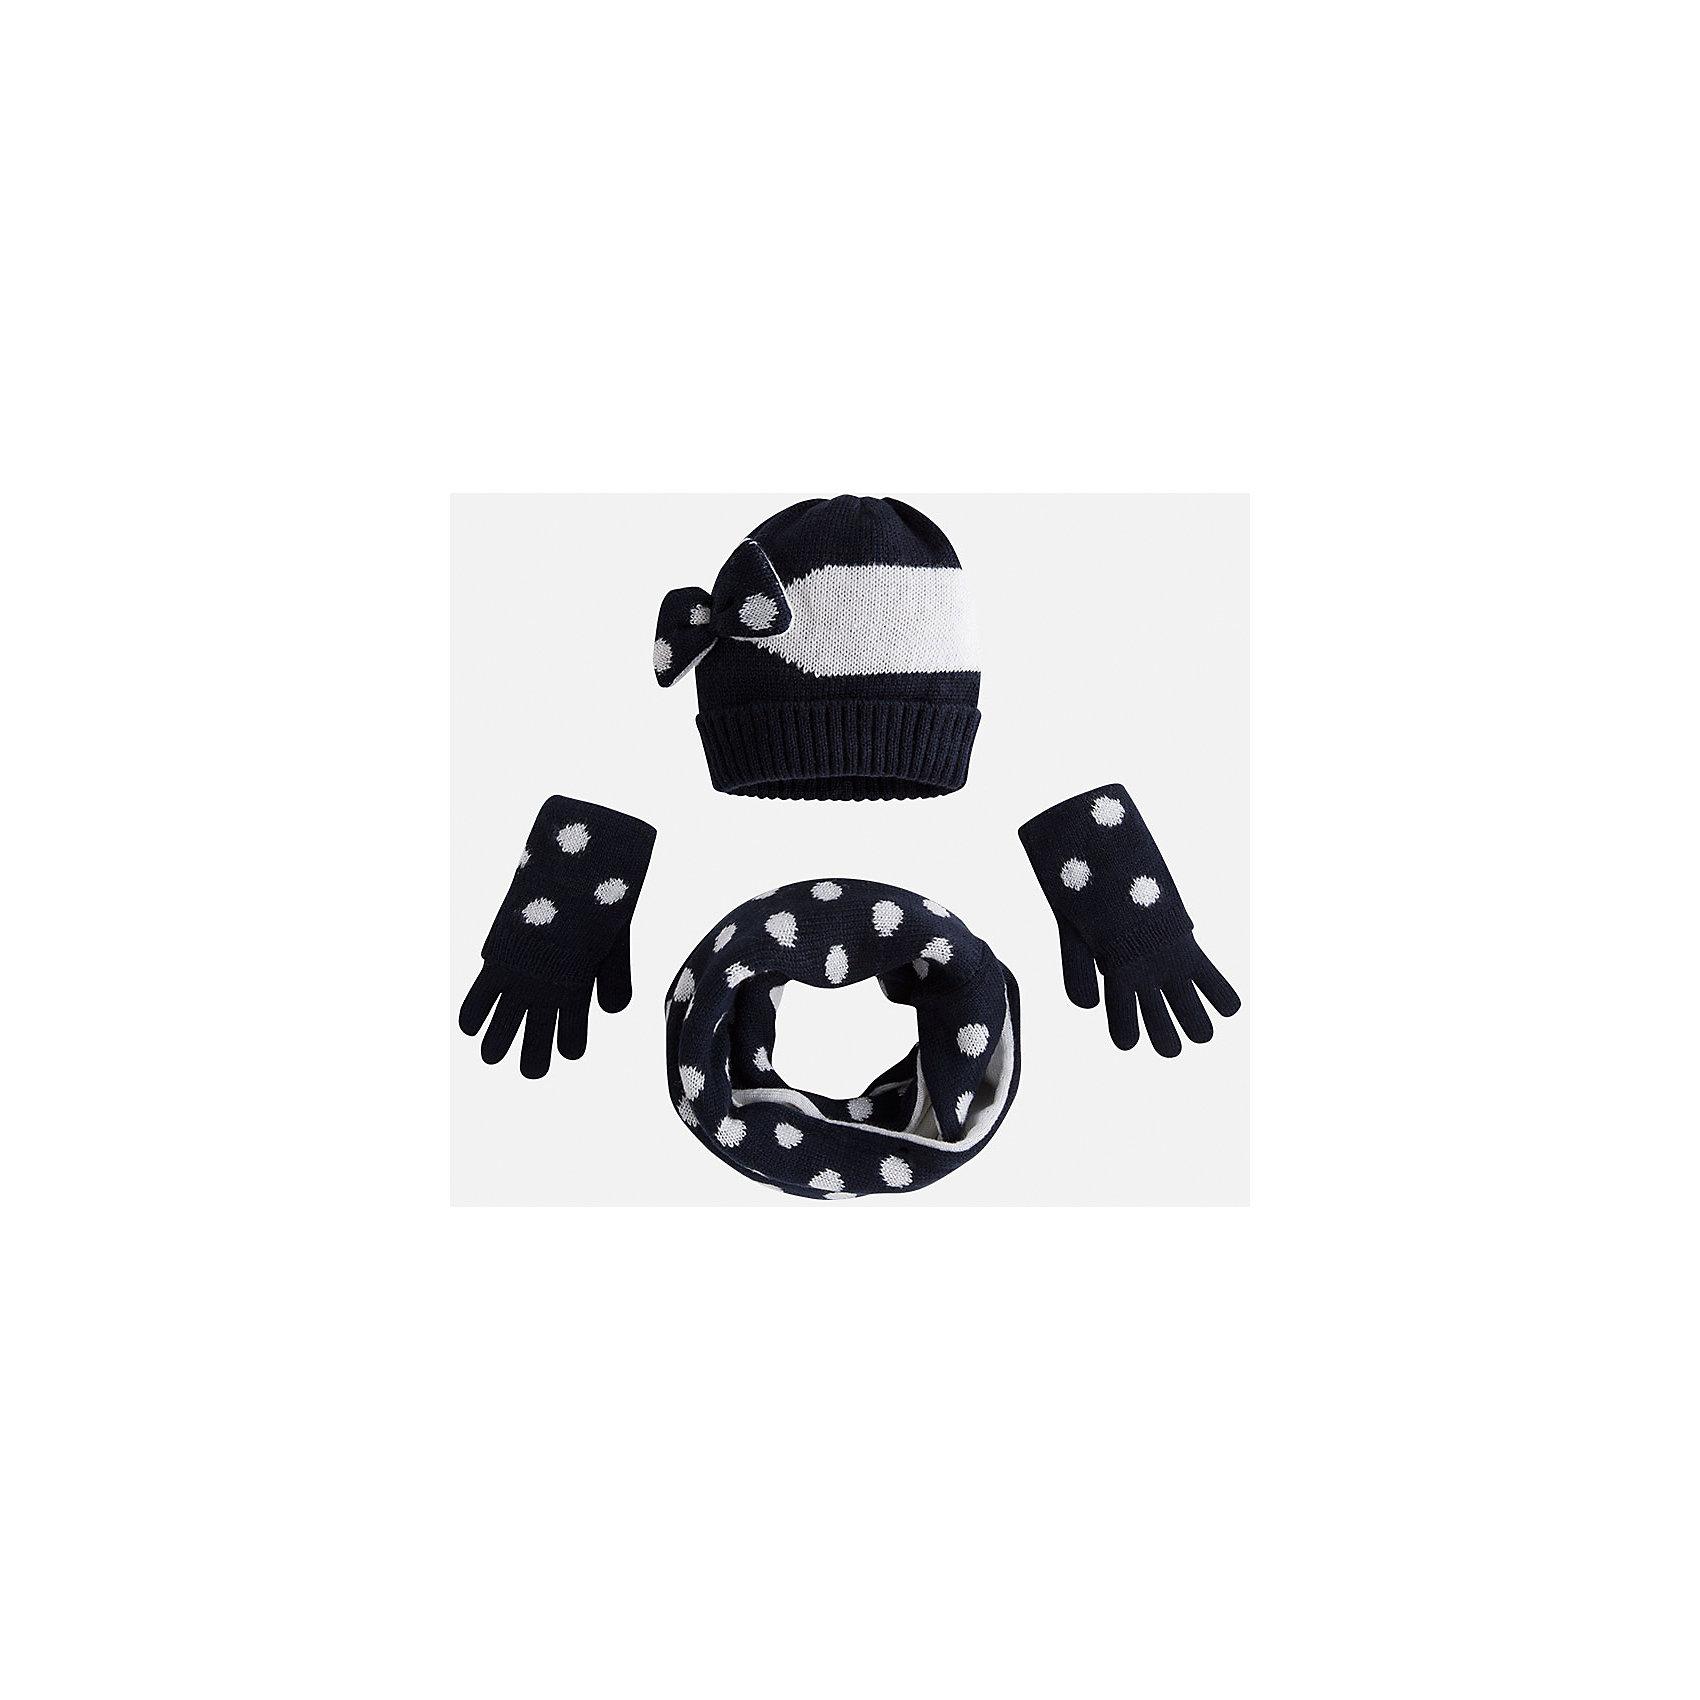 Комплект:шапка, шарф и перчатки для девочки MayoralДемисезонные<br>Комплект: шапка, шарф и перчатки для девочки Mayoral от известного испанского бренда Mayoral. Оригинальный вязаный комплект выполнен из акриловой пряжи. Комплект состоит из шапки, шарфа-хомута и перчаток. Шарф и перчатки оформлены крупными горошинами в  технике интарсия; на шапке в этой же технике выполнены широкие полосы, сбоку темно-синий бантик с белыми горошинами. Шарф-хомут двусторонний: одна сторона белая с синими горошинами, вторая – синяя с белыми горошинами. Комплект устойчив к изменению формы и цвета. <br><br>Дополнительная информация:<br><br>- Предназначение: повседневная одежда<br>- Комплектация: шапка, шарф, перчатки <br>- Цвет: темно-синий, белый<br>- Пол: для девочки<br>- Состав: 100% акрил <br>- Сезон: осень-зима-весна<br>- Особенности ухода: стирка при температуре 30 градусов, разрешается химическая чистка, глажение <br><br>Подробнее:<br><br>• Для детей в возрасте: от 2 лет и до 9 лет<br>• Страна производитель: Китай<br>• Торговый бренд: Mayoral<br><br>Комплект: шапка, шарф и перчатки для девочки Mayoral (Майорал) можно купить в нашем интернет-магазине.<br><br>Ширина мм: 89<br>Глубина мм: 117<br>Высота мм: 44<br>Вес г: 155<br>Цвет: синий<br>Возраст от месяцев: 48<br>Возраст до месяцев: 72<br>Пол: Женский<br>Возраст: Детский<br>Размер: 52-54,48-50,54-56<br>SKU: 4847774